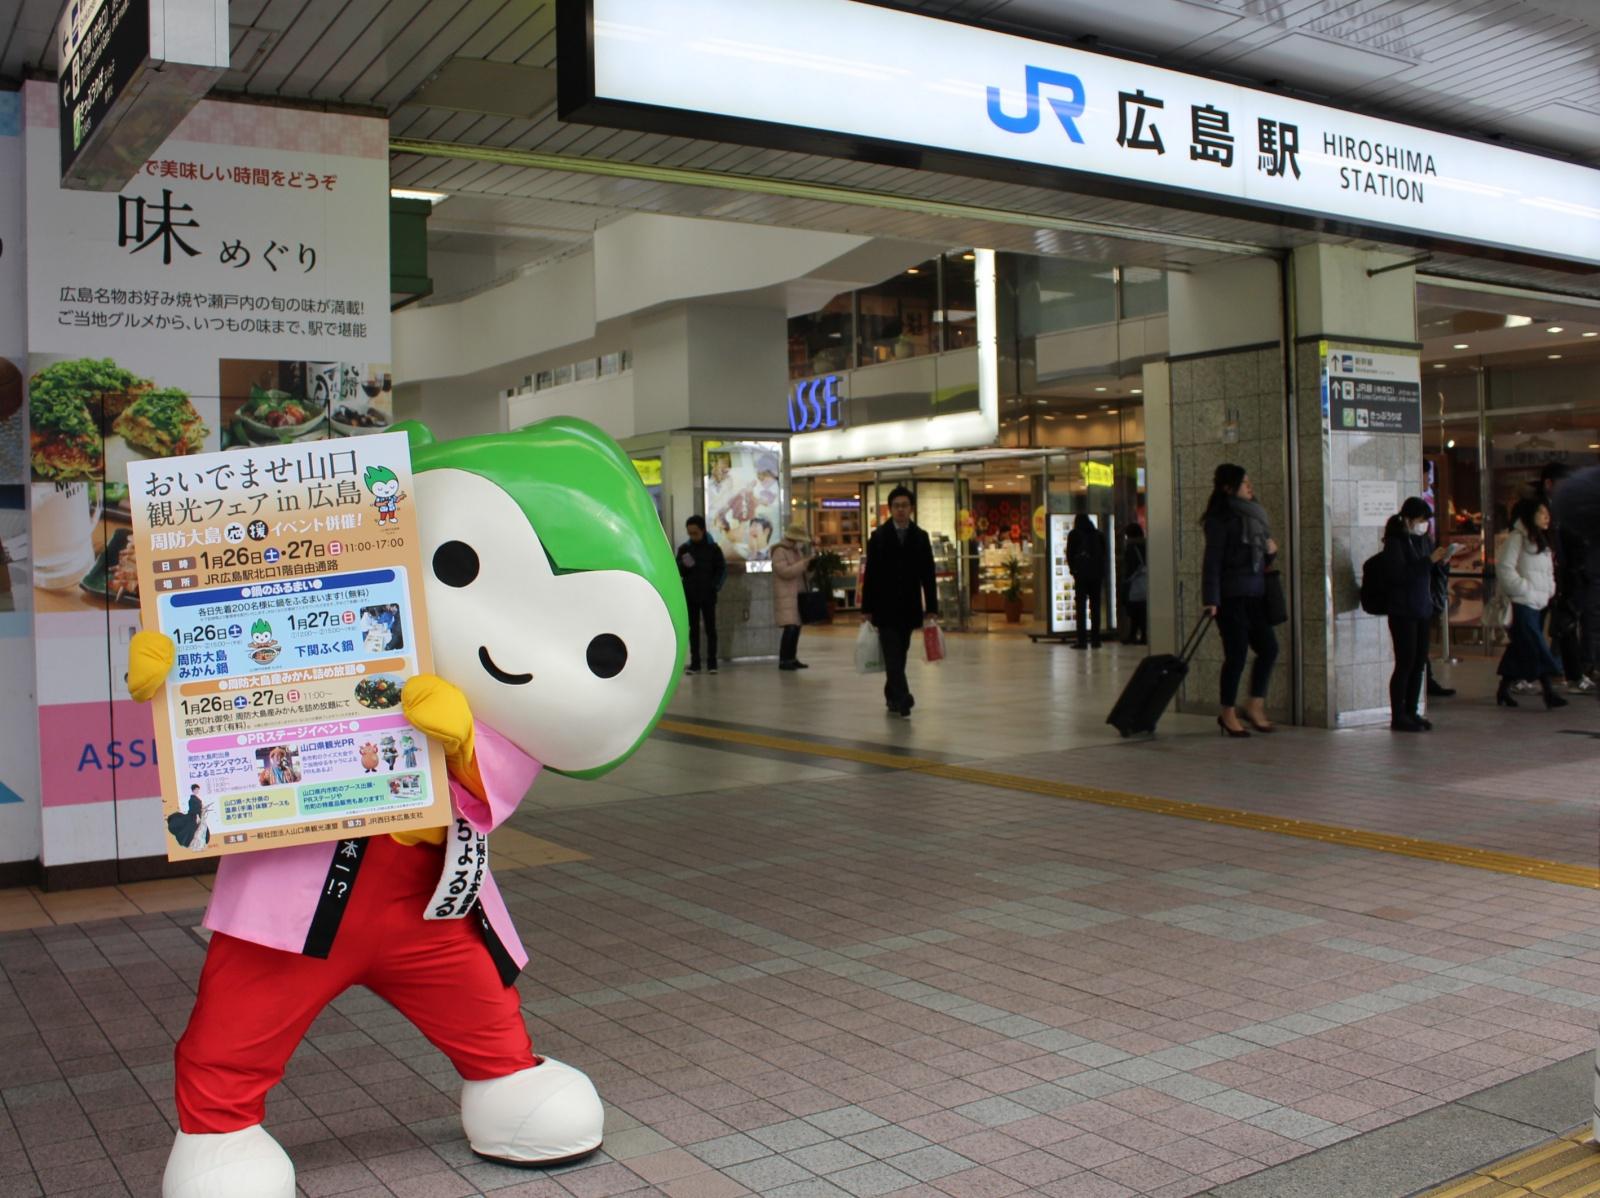 「おいでませ山口観光フェアin広島」で寒い日ならではの●●を楽しんでもらったよ☆彡